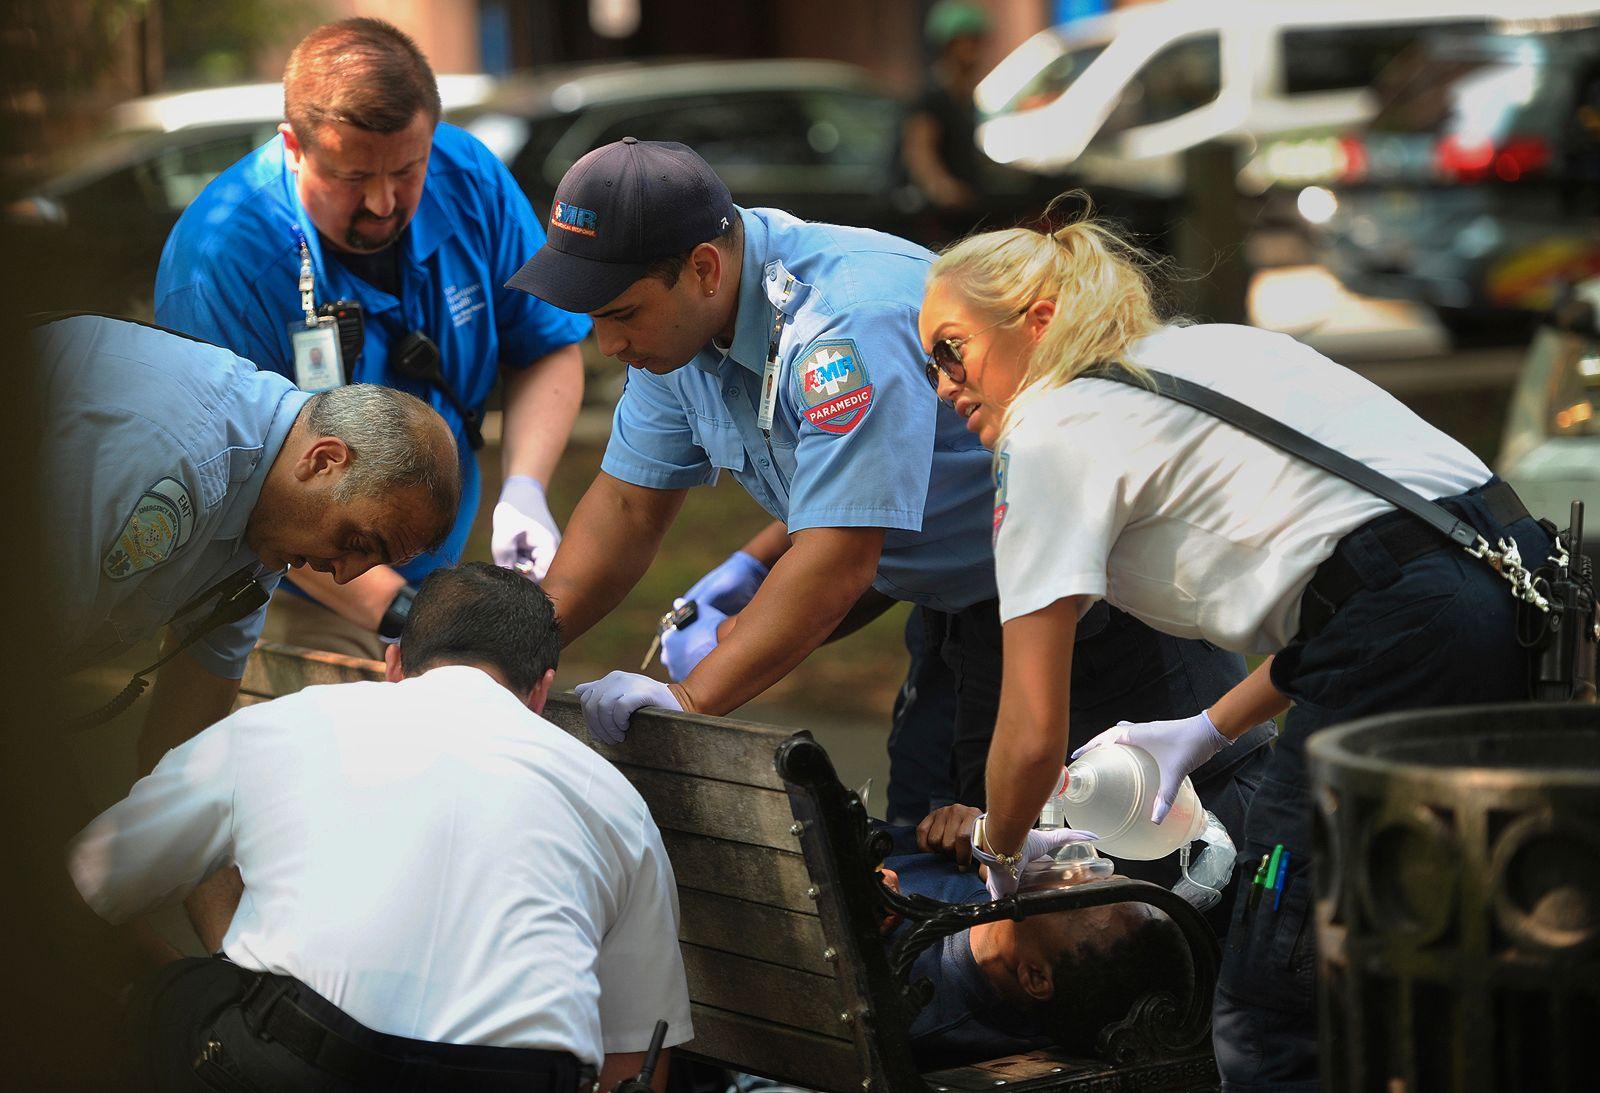 SIMULTANOVERDOSE: Over 70 personer ble fraktet til sykehus etter å ha tatt overdoser av det syntetiske marihuana-stoffet K2.